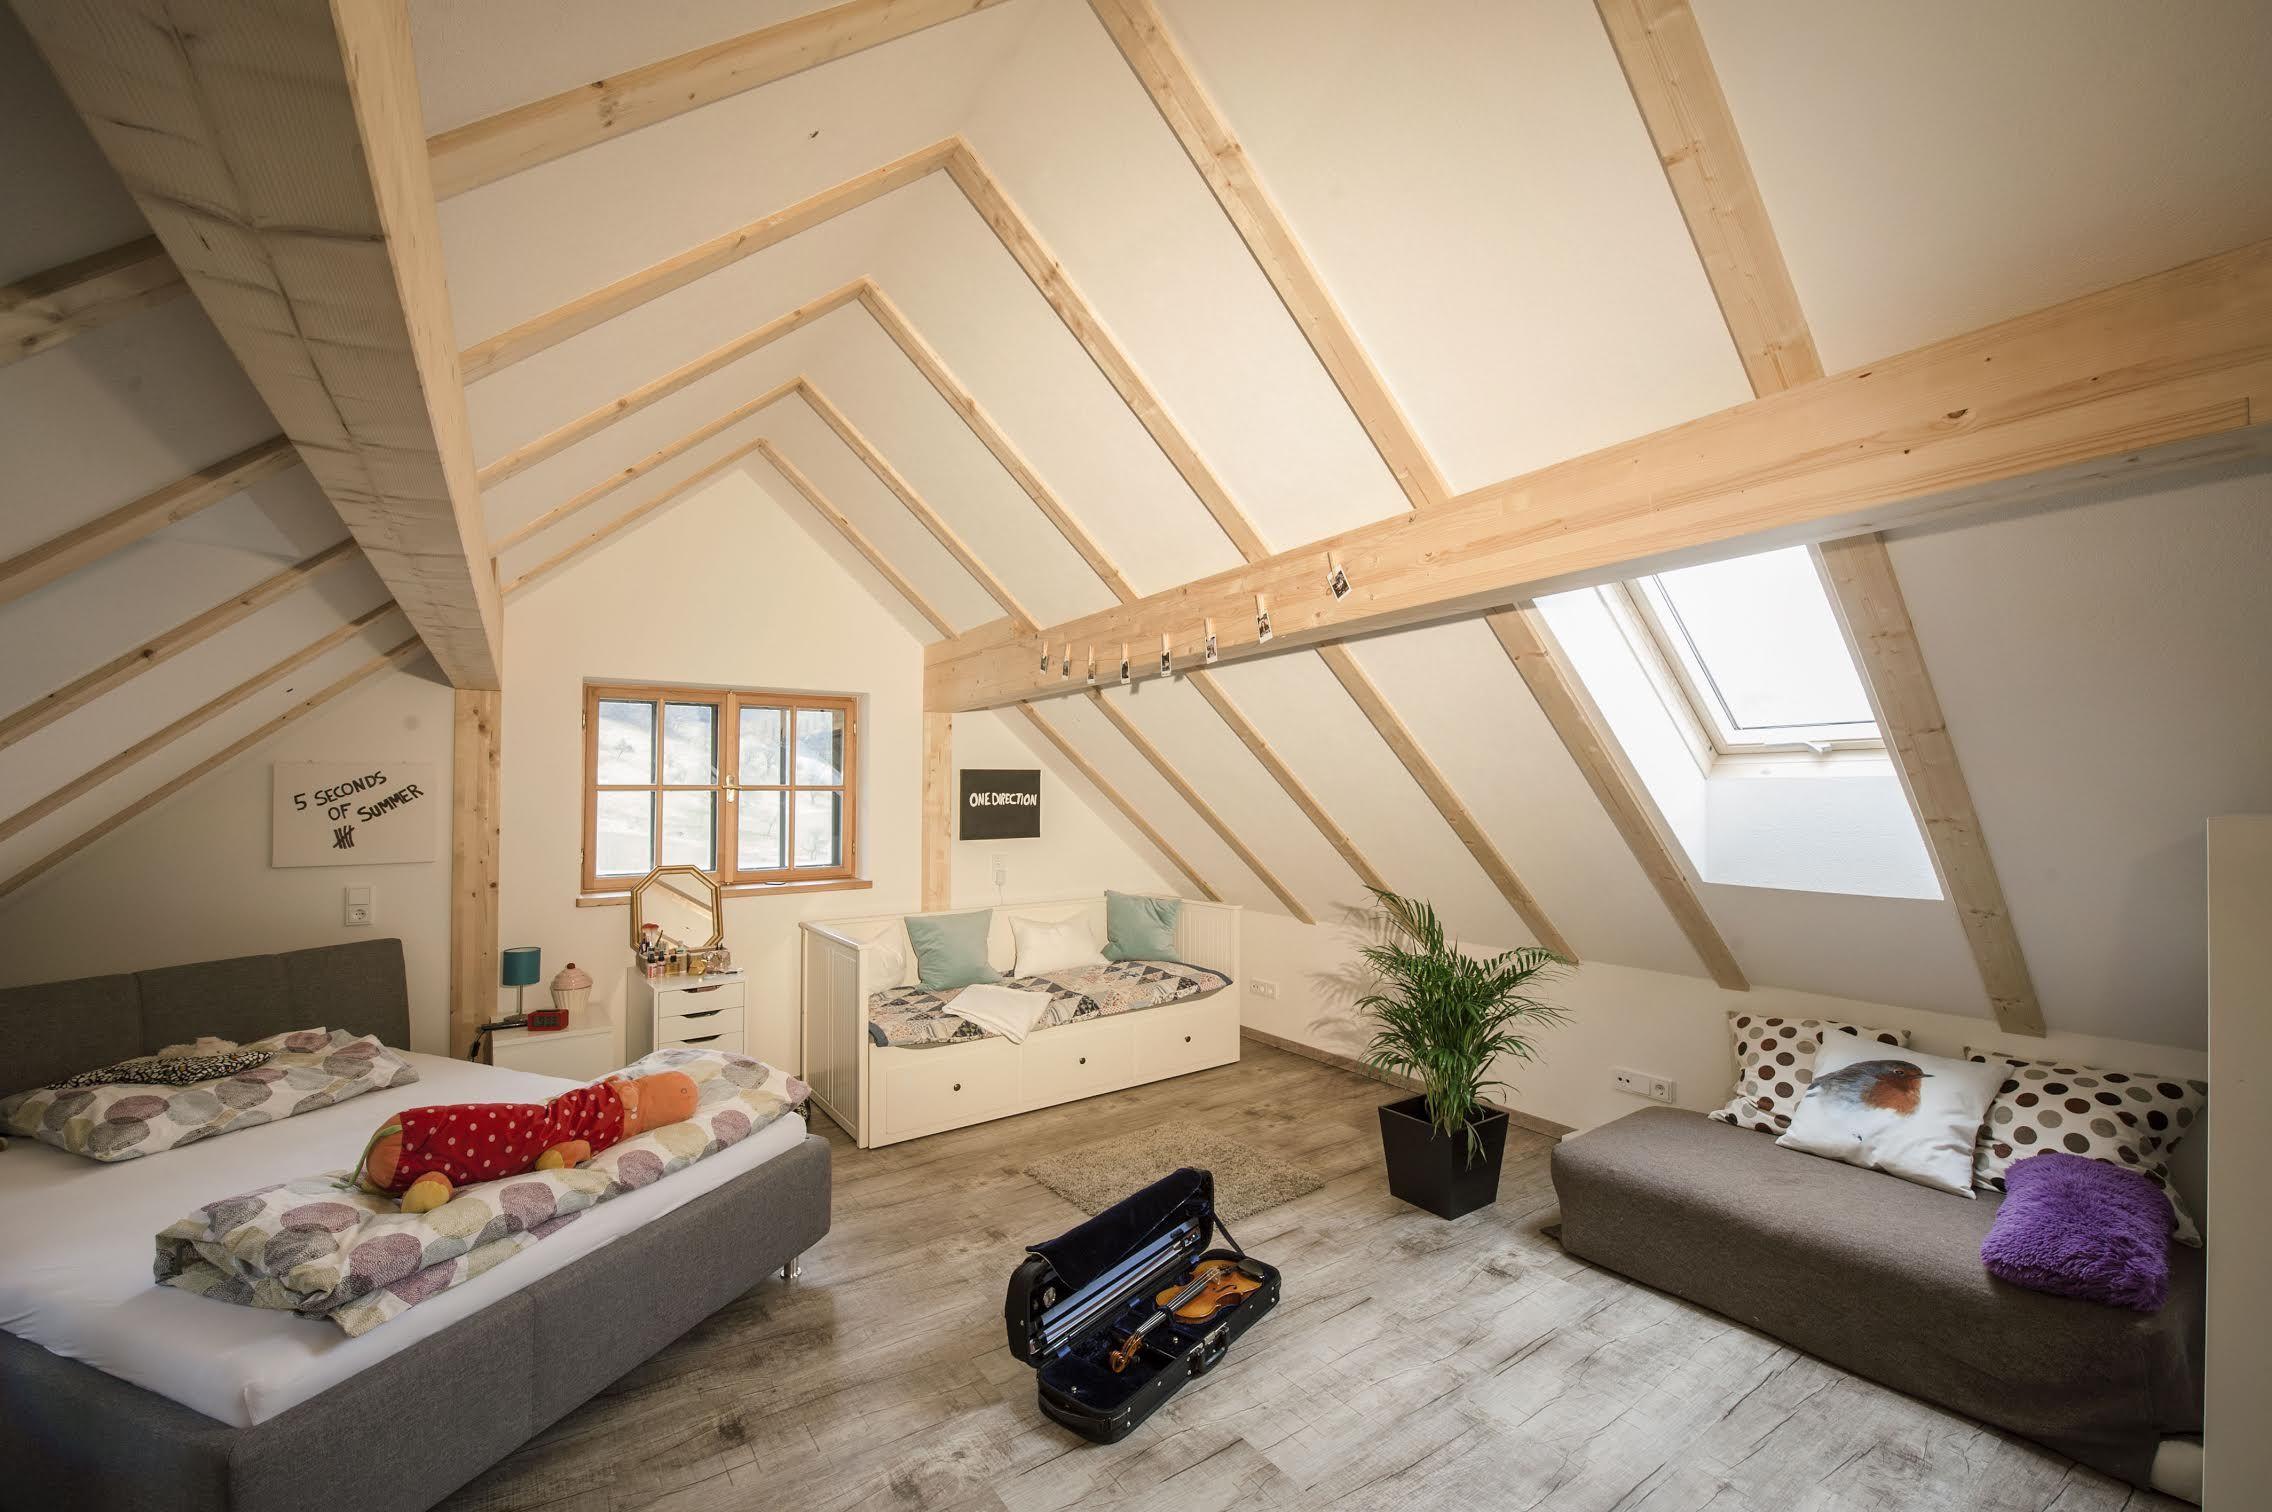 Dachbodenausbau Plan Bammer Dachbodenausbau Boden Dachausbau